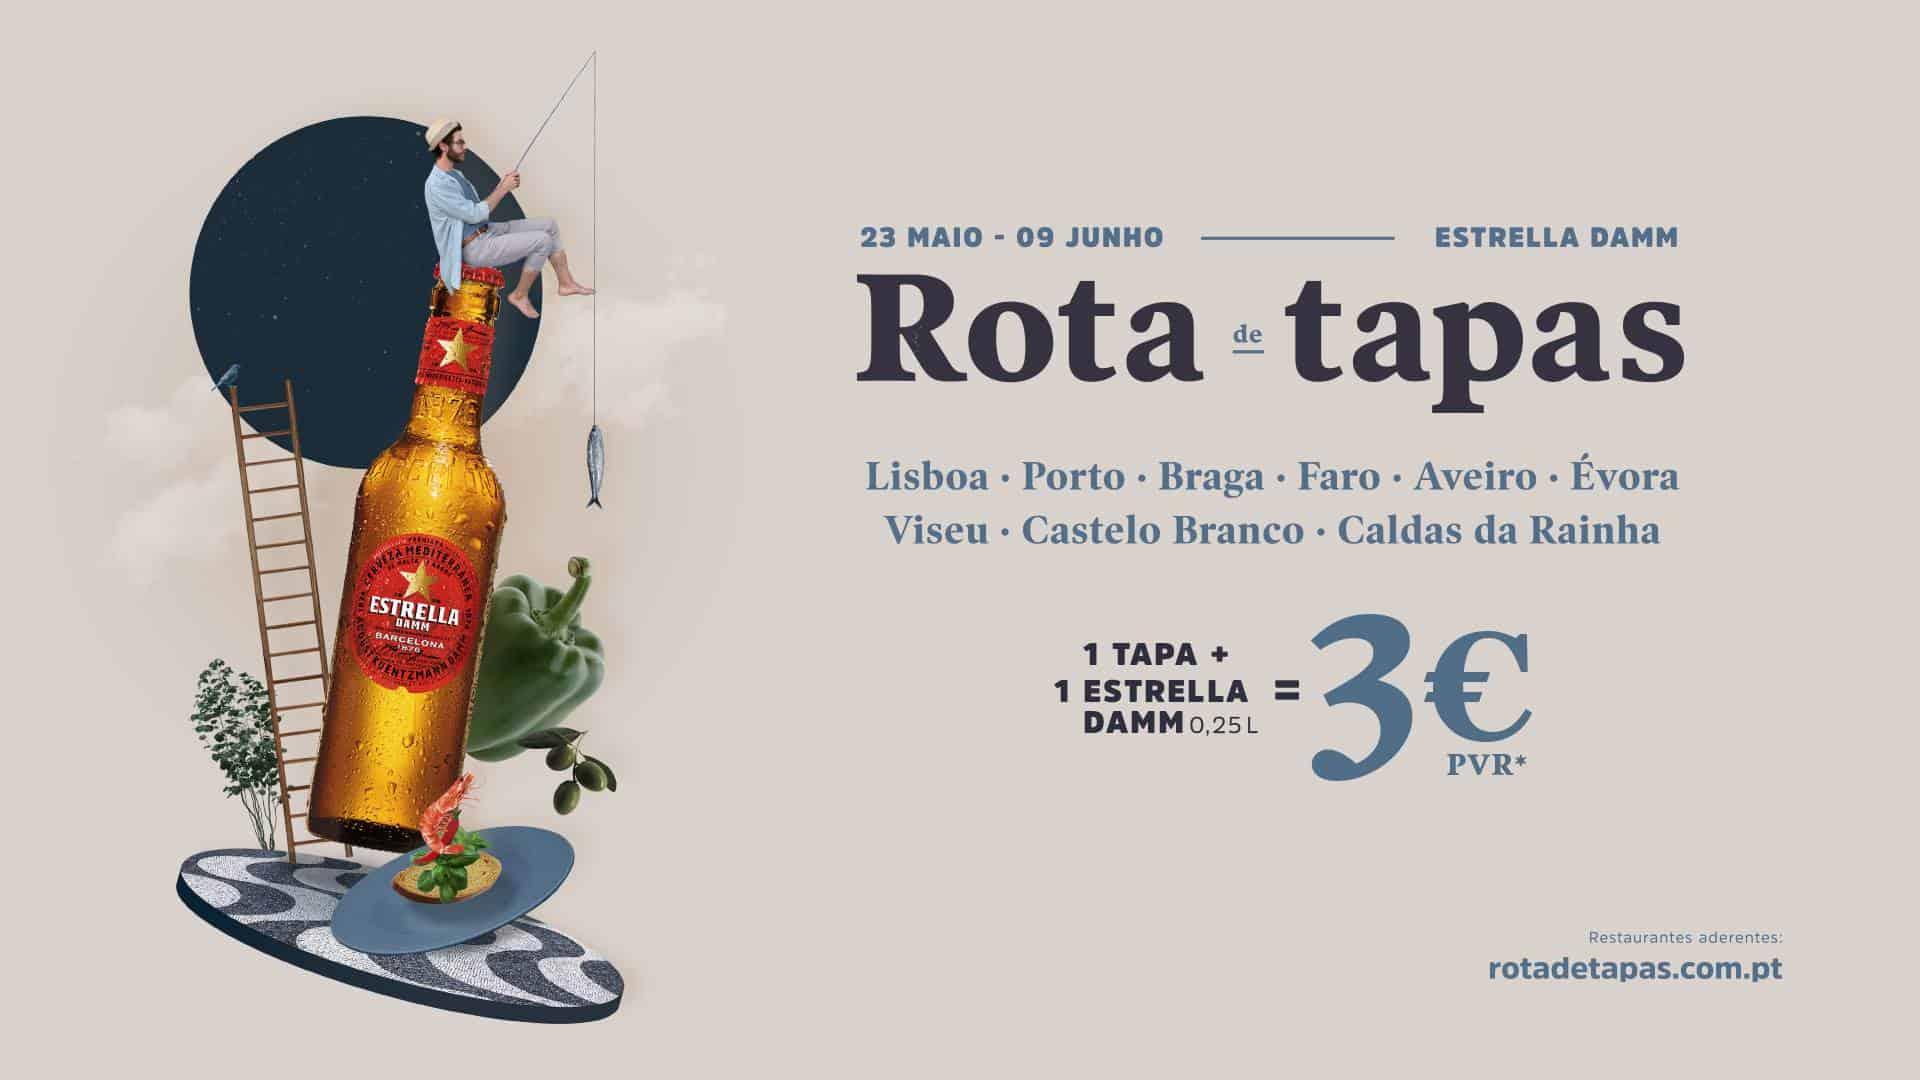 ROTA DAS TAPAS 2019 – ESTRELLA DAMM EM BUSCA DOS SABORES MAIS SURPREENDENTES